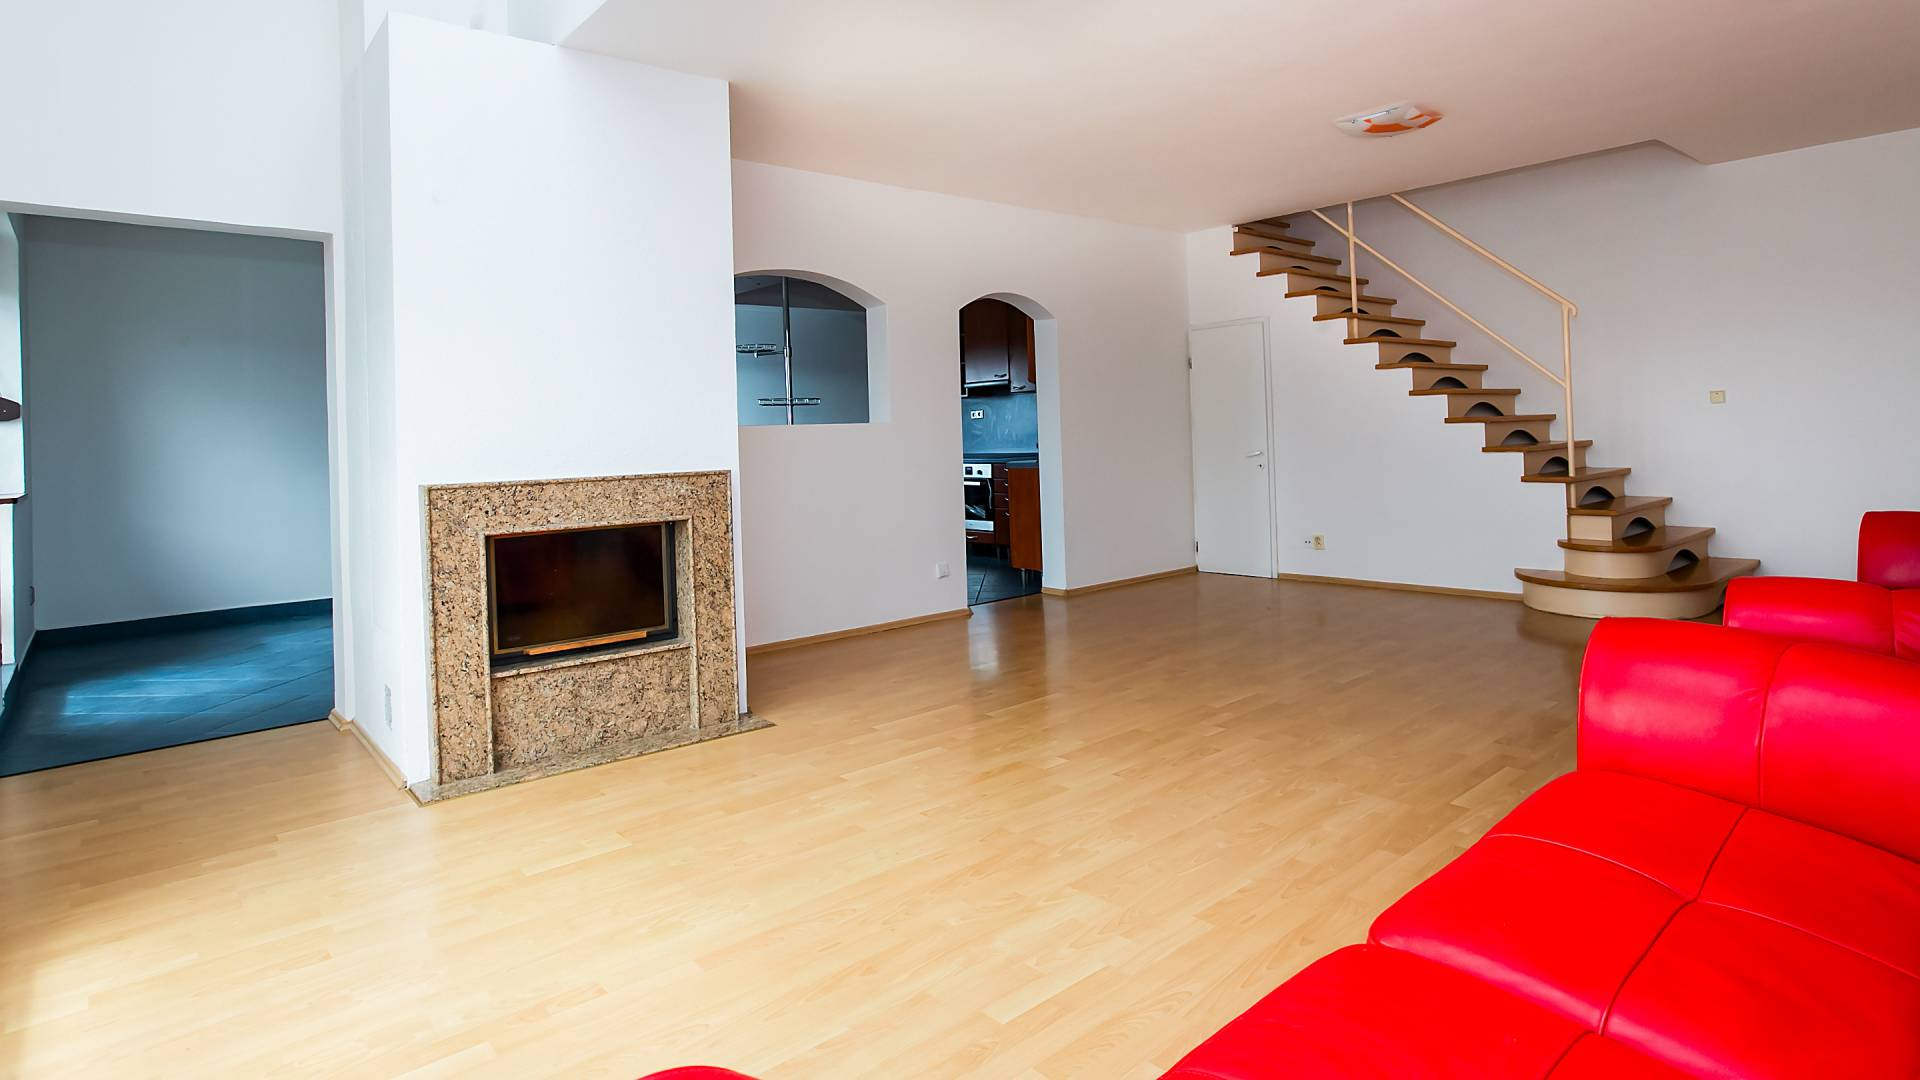 Predaj bytu (4 izbový) 133 m2, Bratislava - Staré Mesto